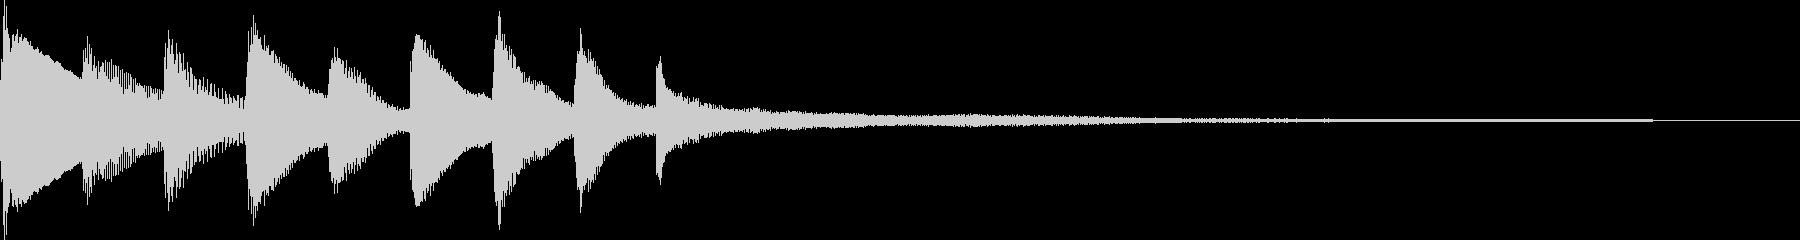 和風ピアノジングルの未再生の波形